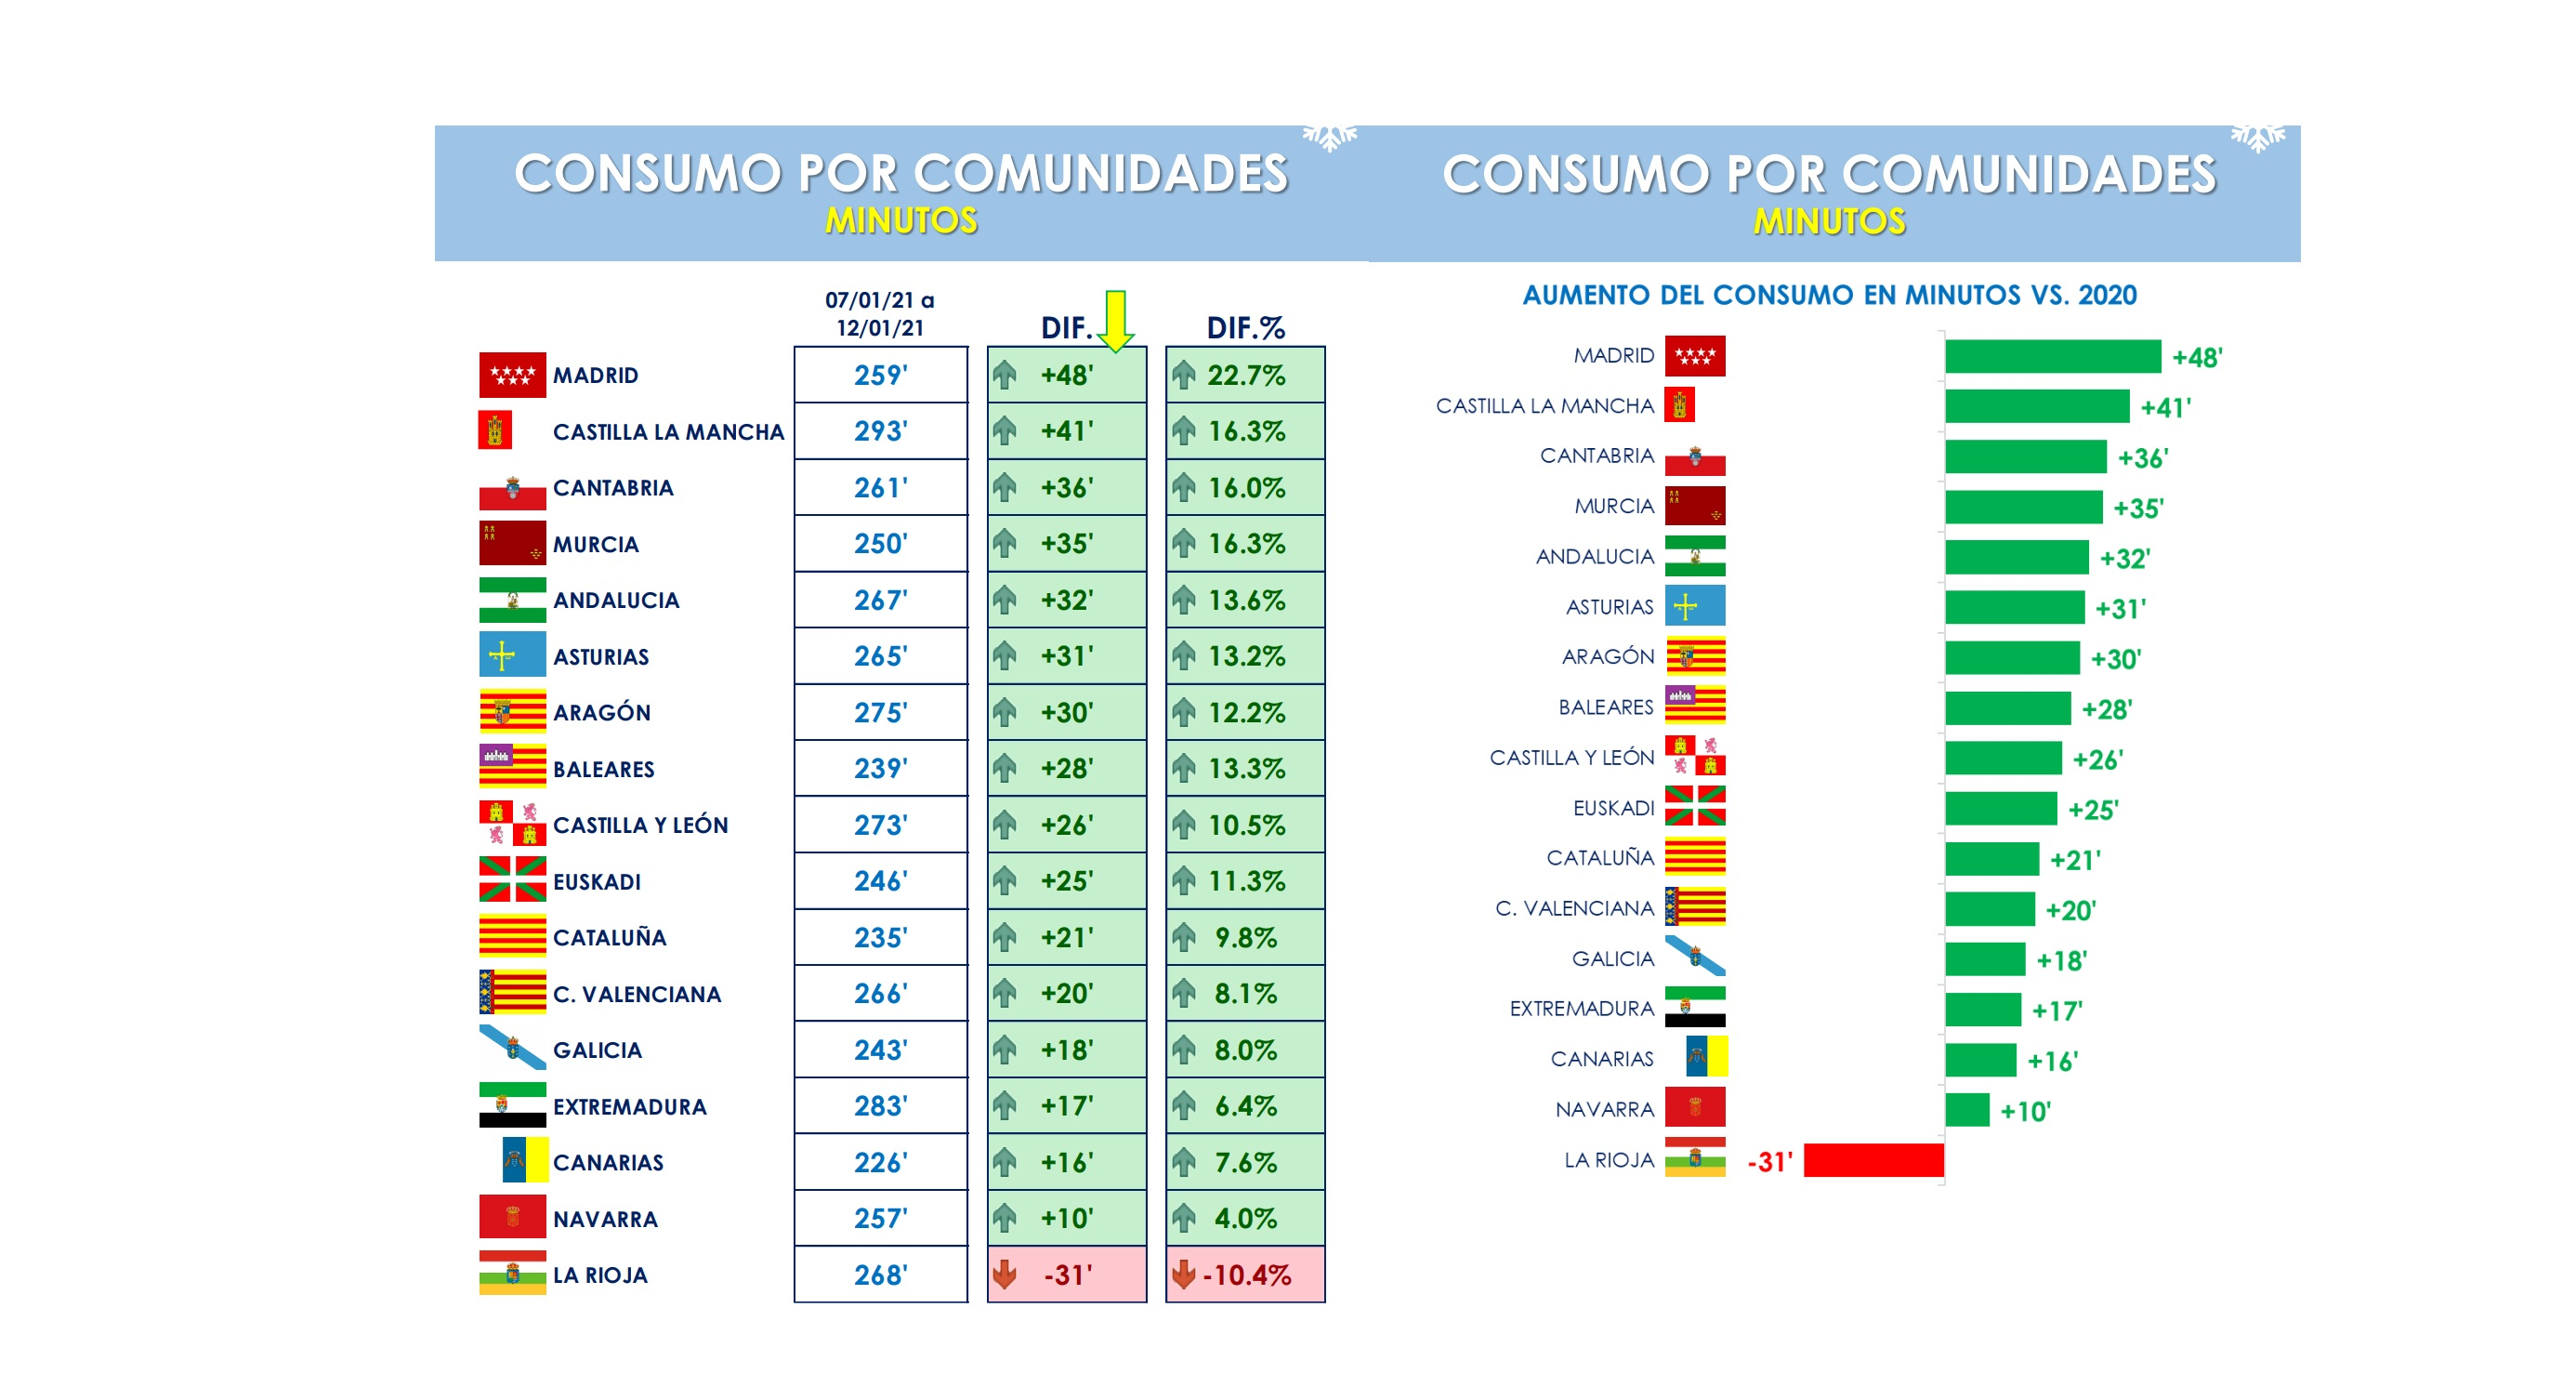 https://www.programapublicidad.com/wp-content/uploads/2021/01/consumo-comunidades-EFECTO-FILOMENA-TELEVISIÓN-587.000-espectadores-reach-diario-enero-2021tv-programapublicidad.jpg